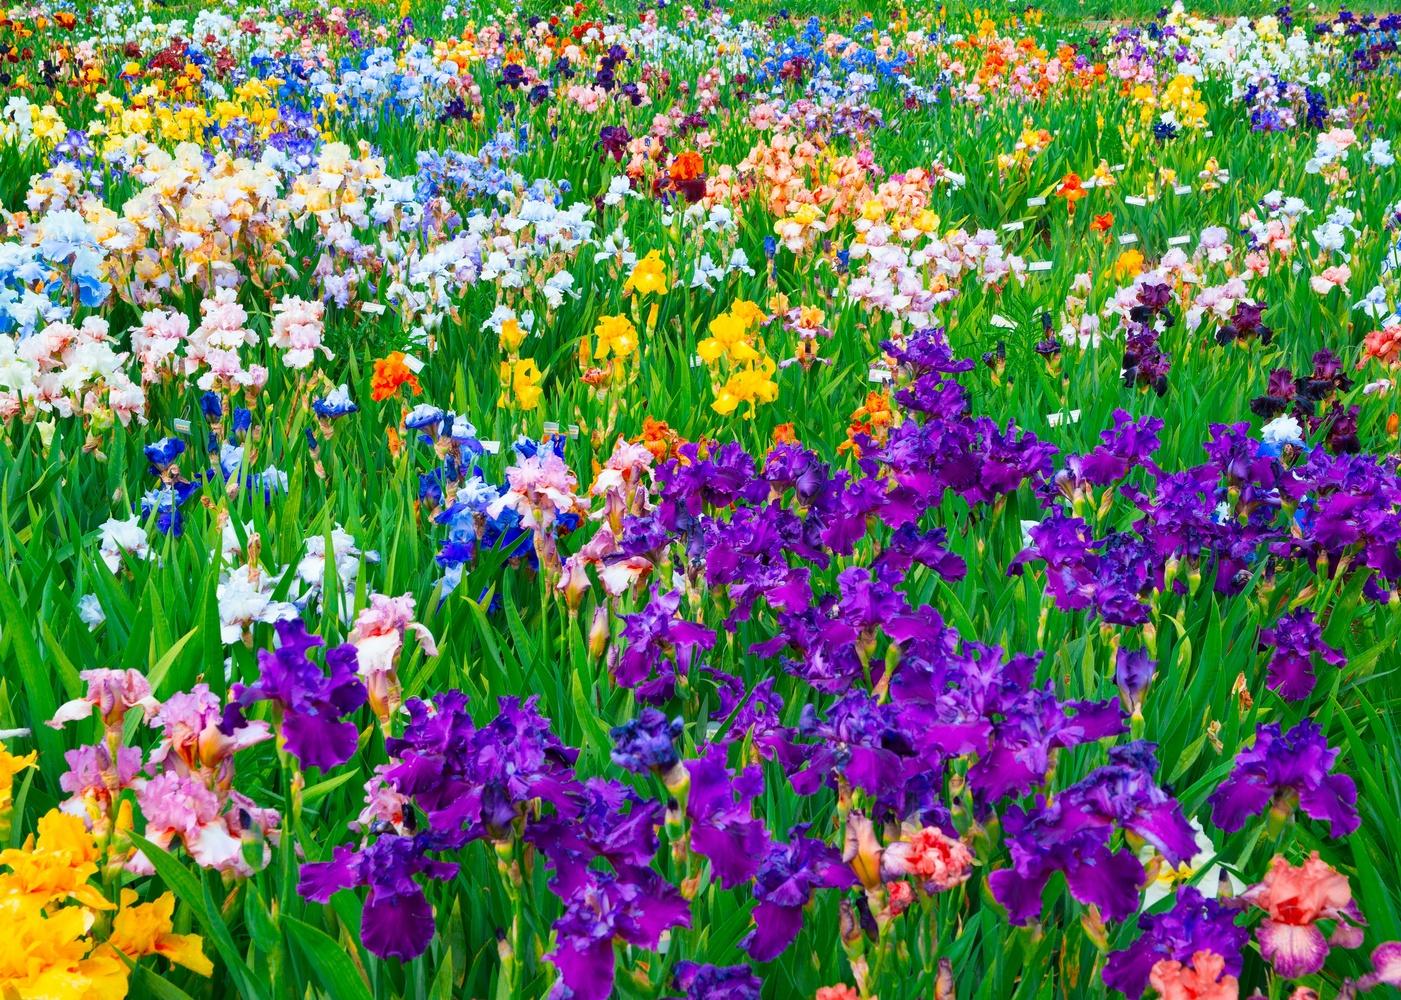 Iris Field by Matthew Potter